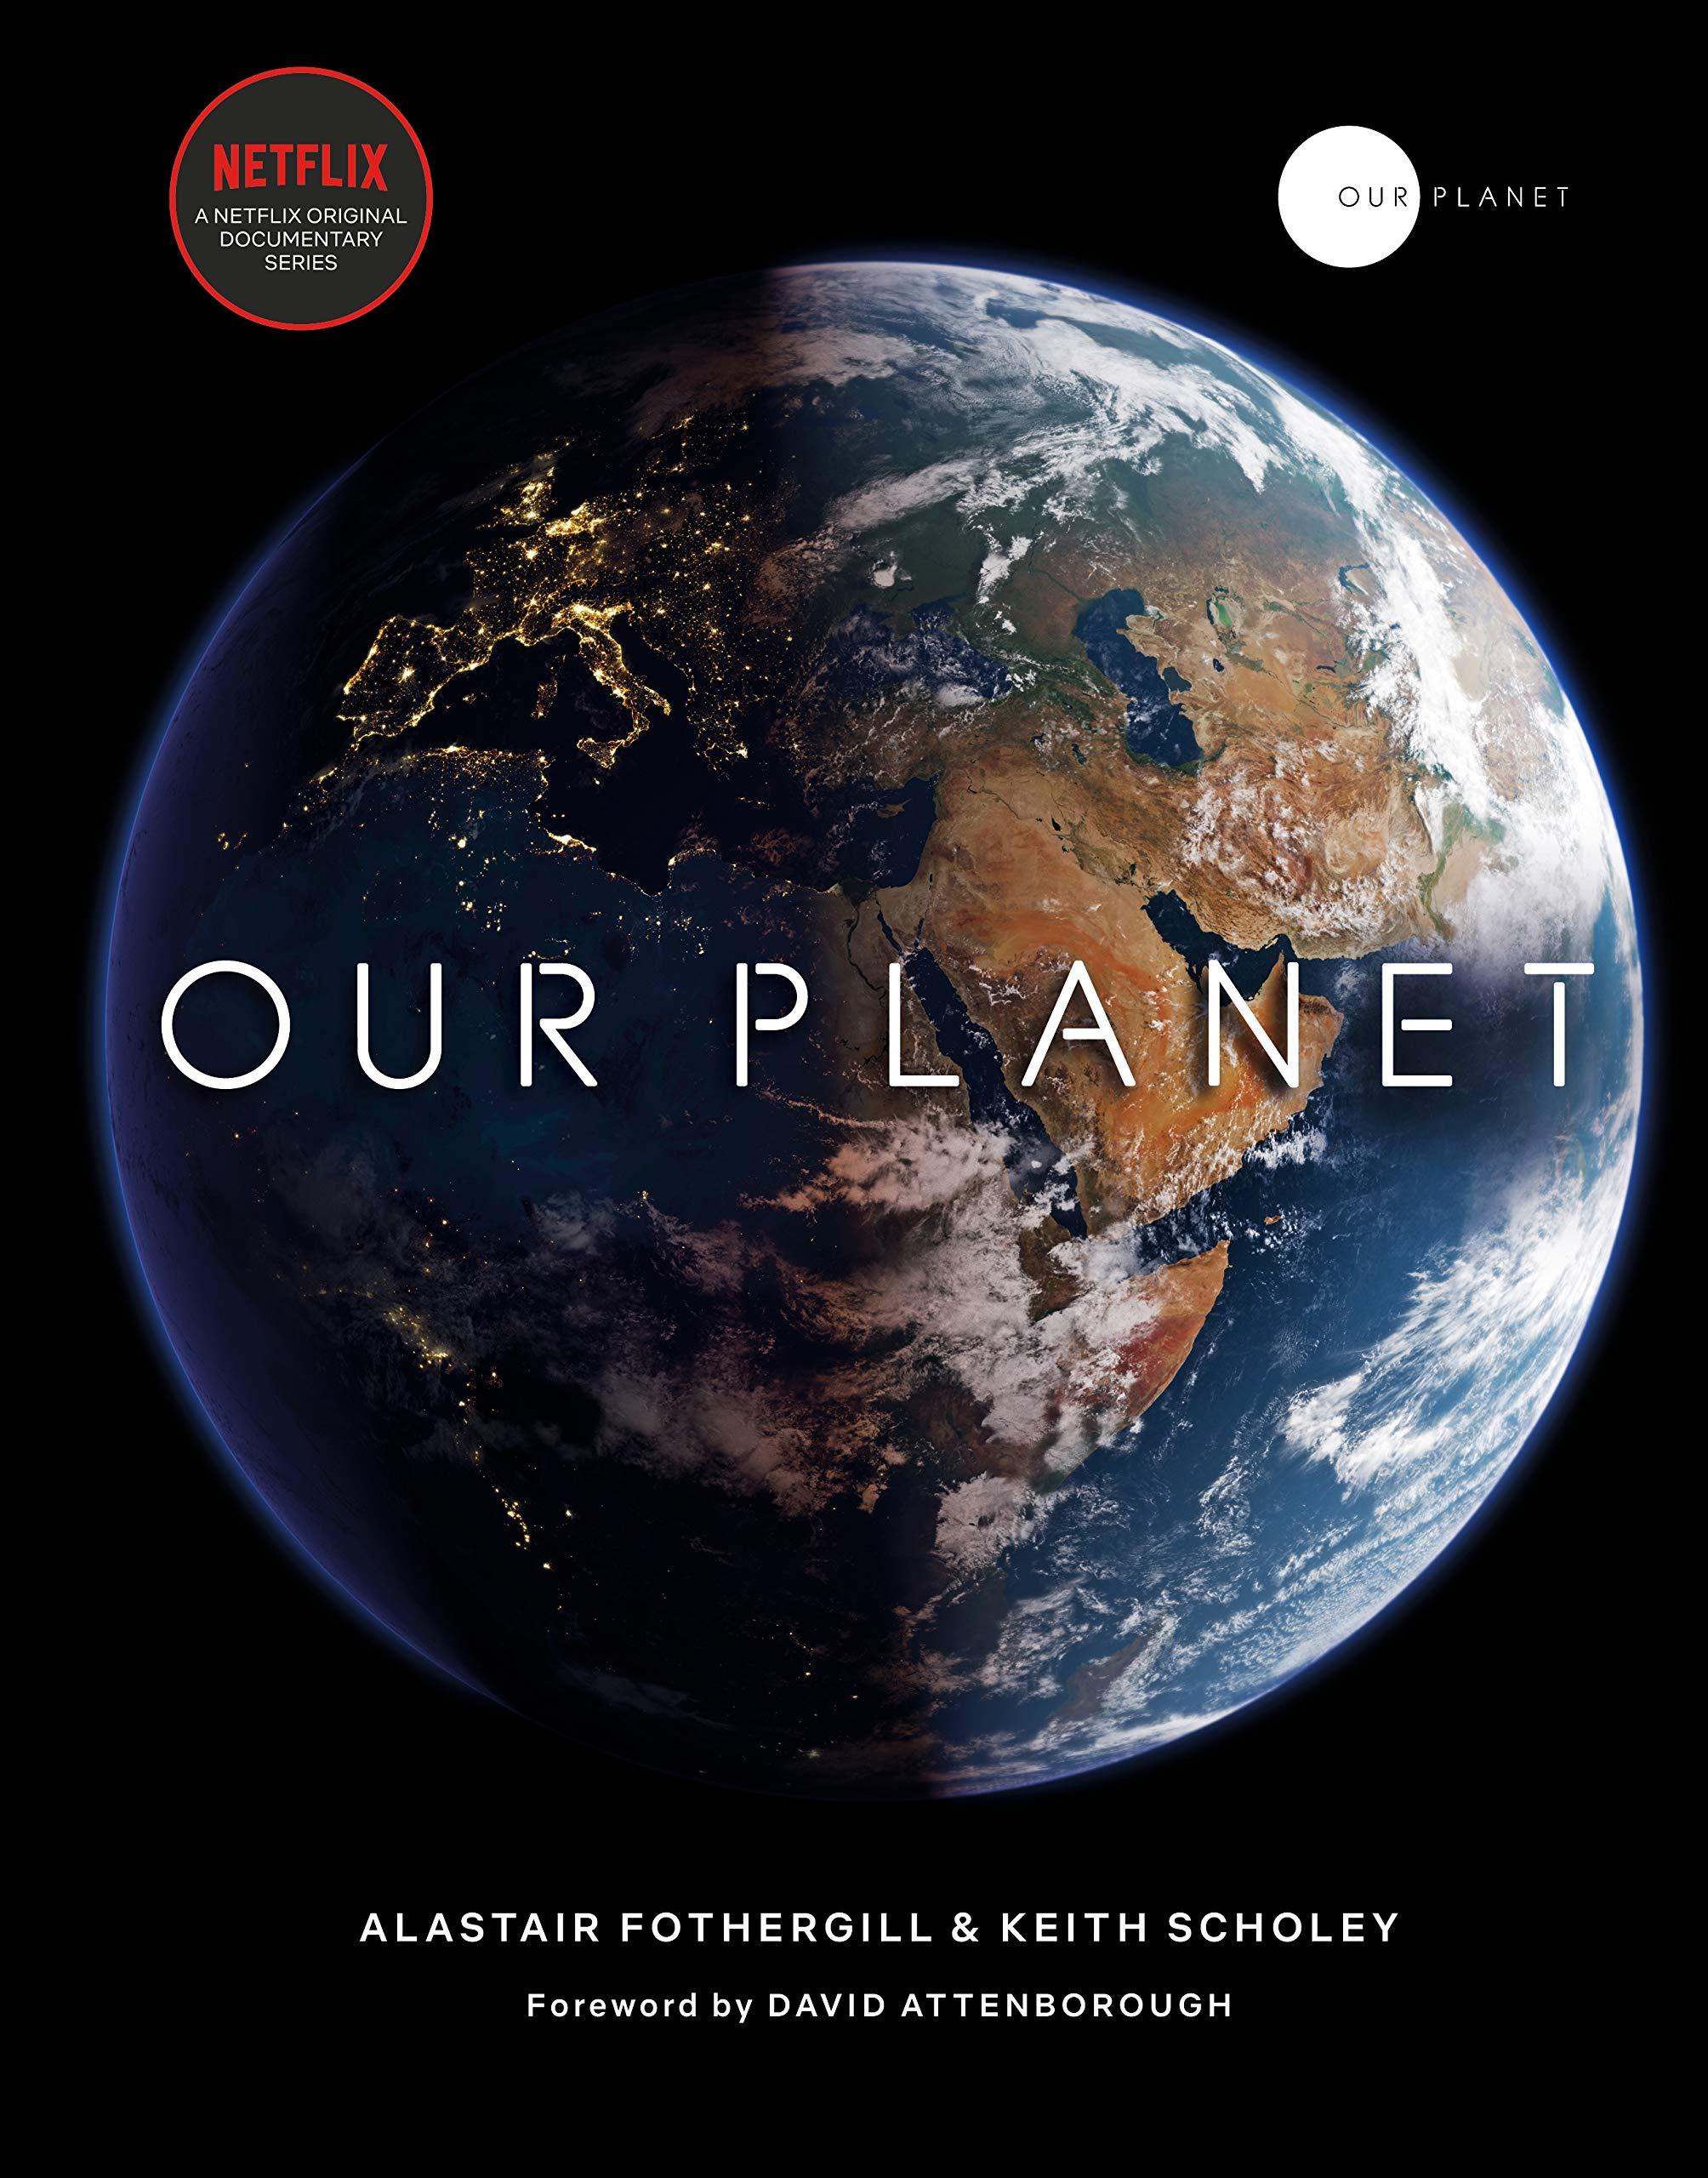 Sélection de Documentaires Educatifs visionnables Gratuitement (Dématérialisés - VOSTFR) - Ex: Our Planet (8 Episodes - Netflix via Youtube)